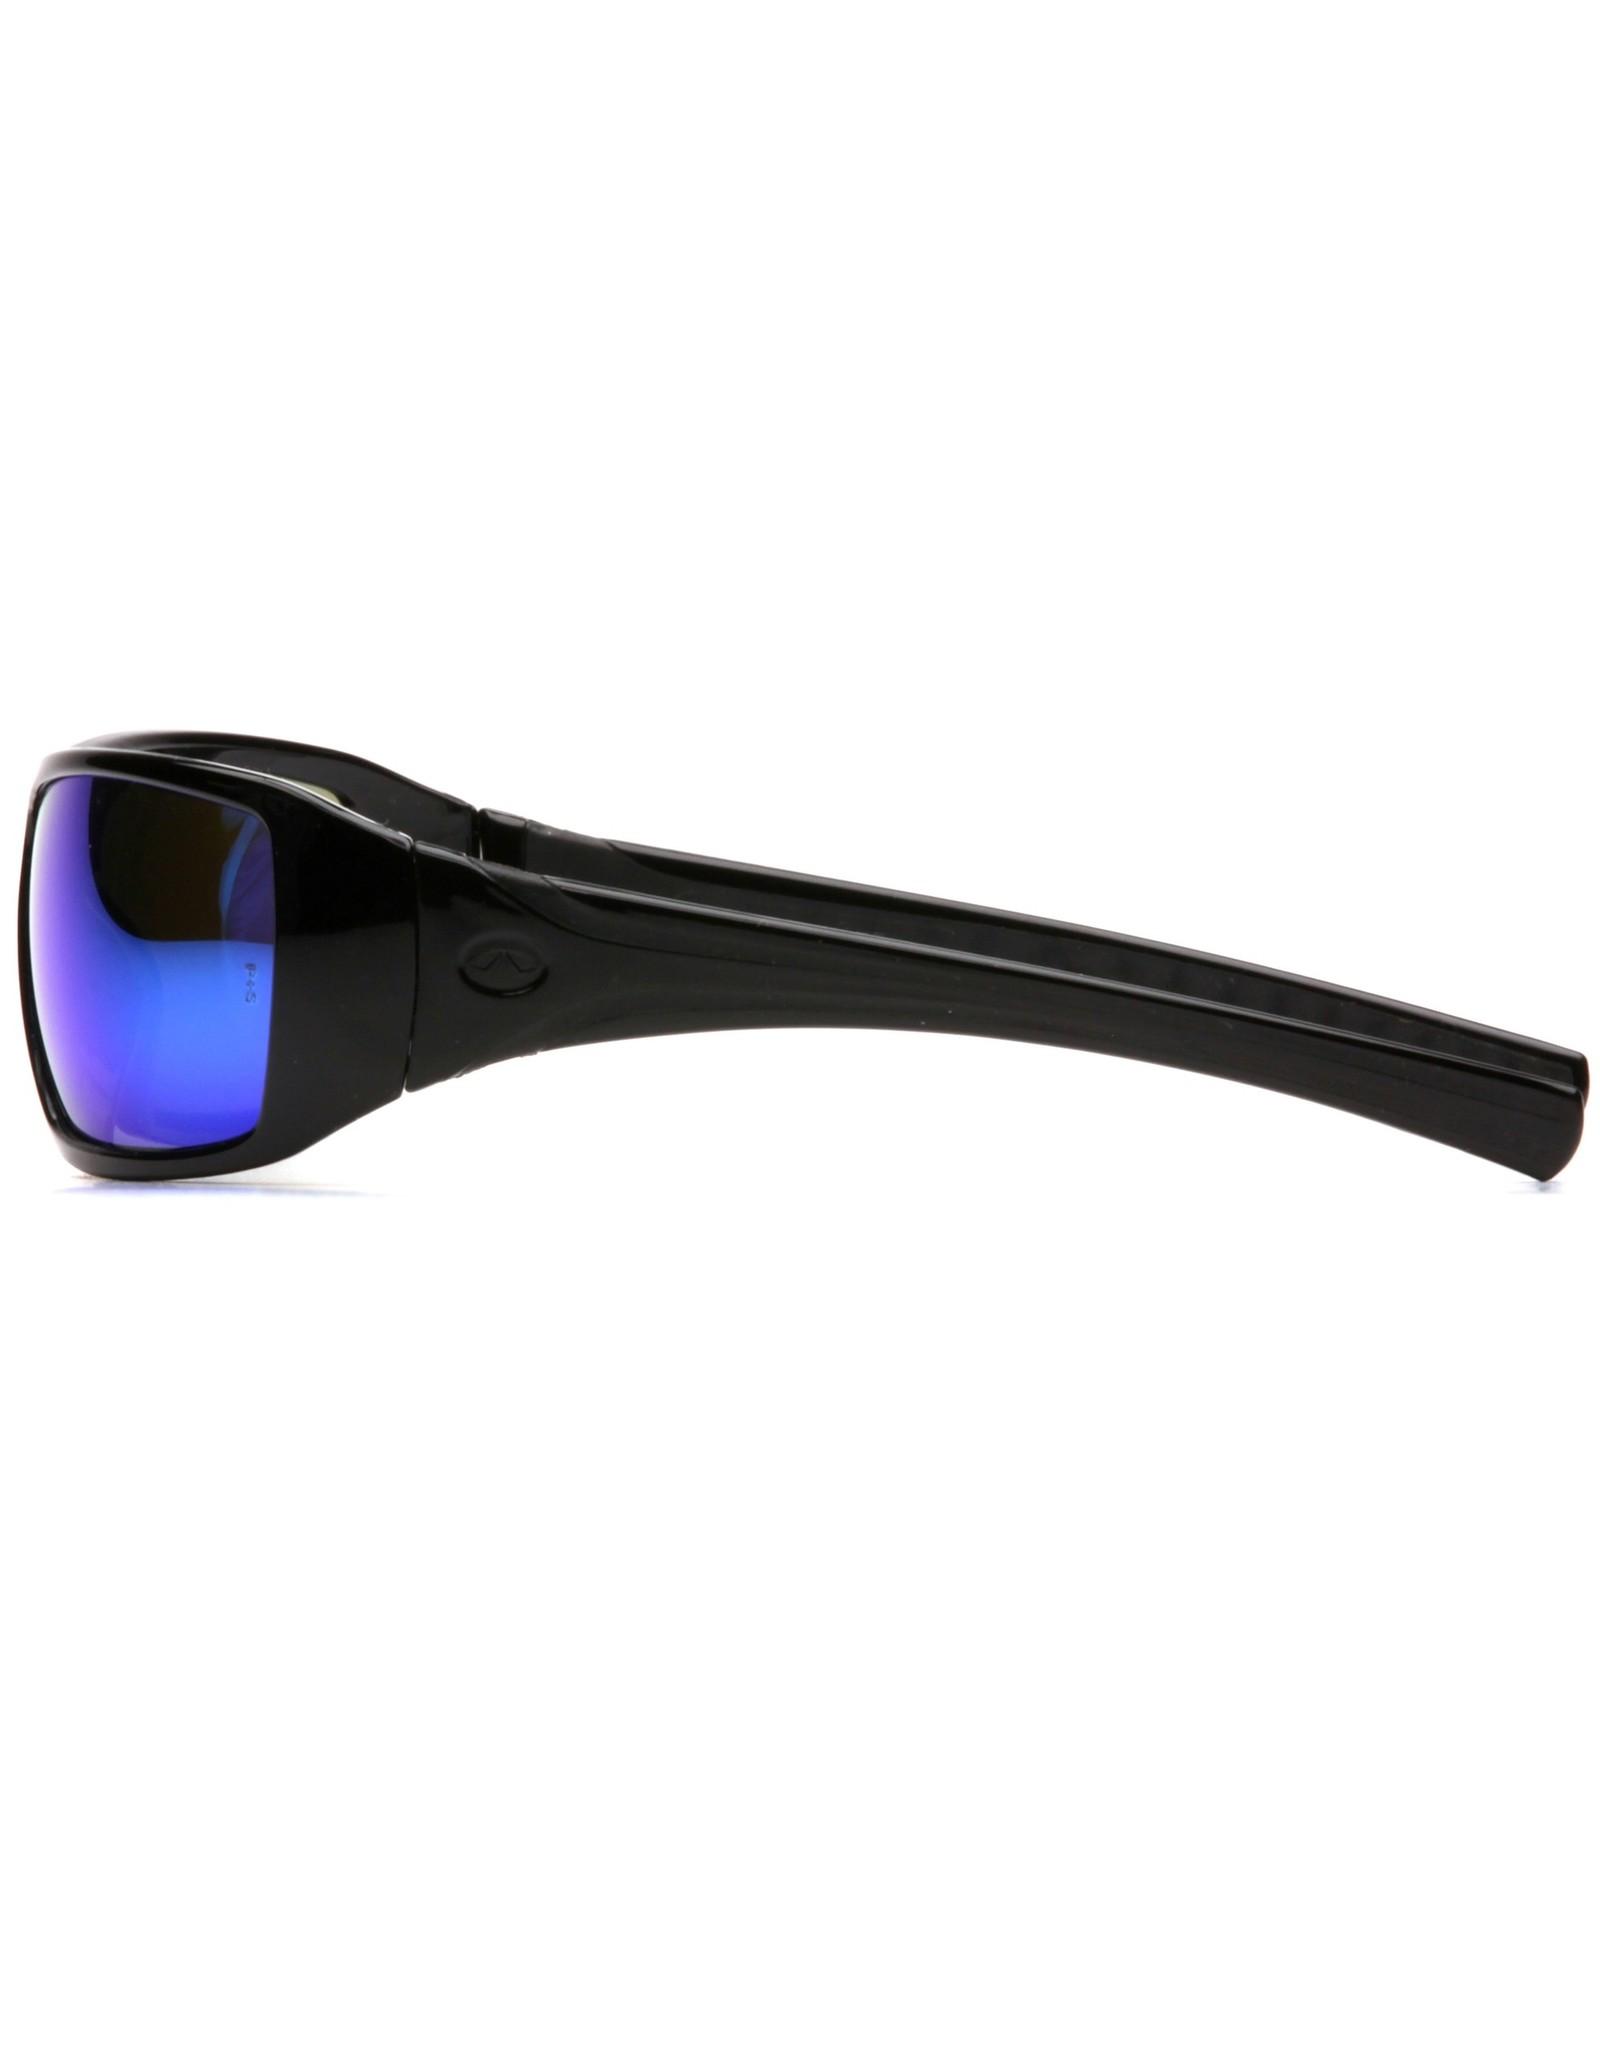 Pyramex Goliath Safety Glasses